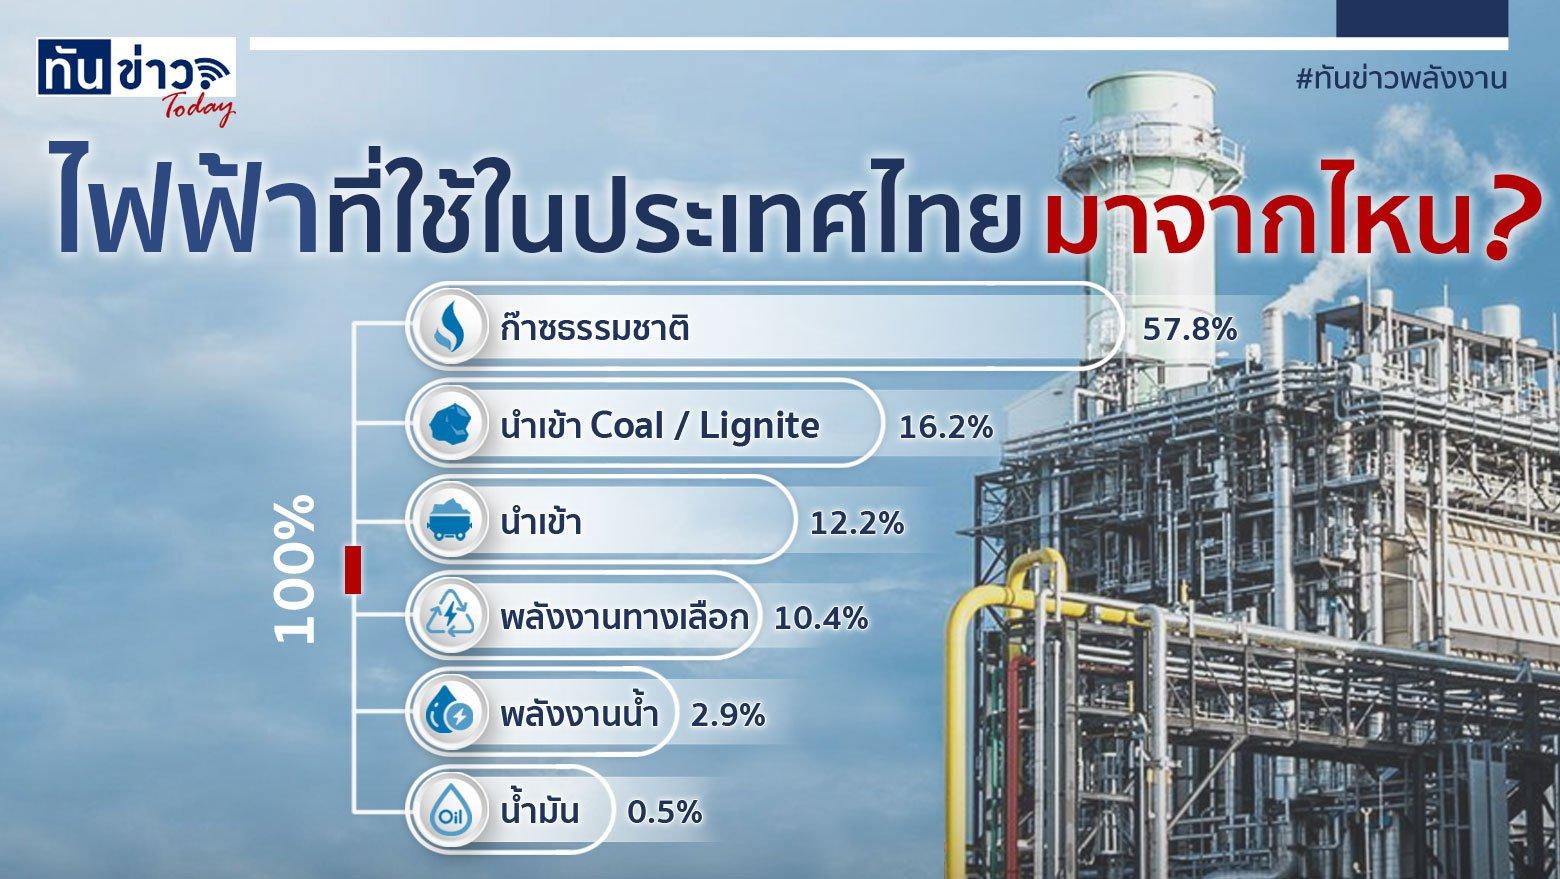 ไฟฟ้าที่ใช้ในประเทศไทย...มาจากไหน?